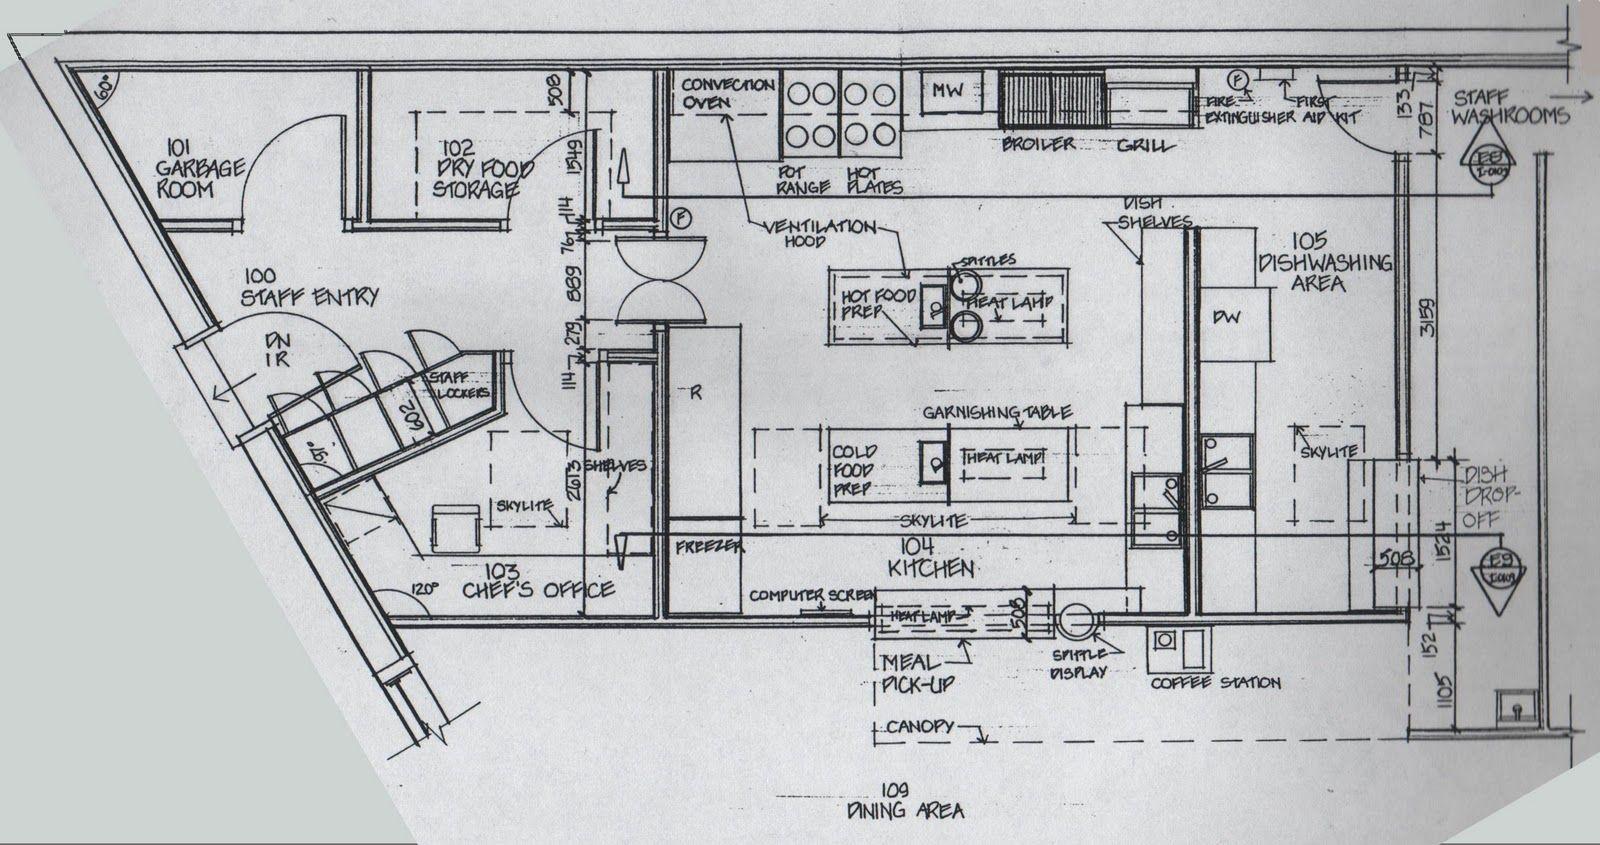 Restaurant Open Kitchen Layout Design Ideas 15070 Kitchen